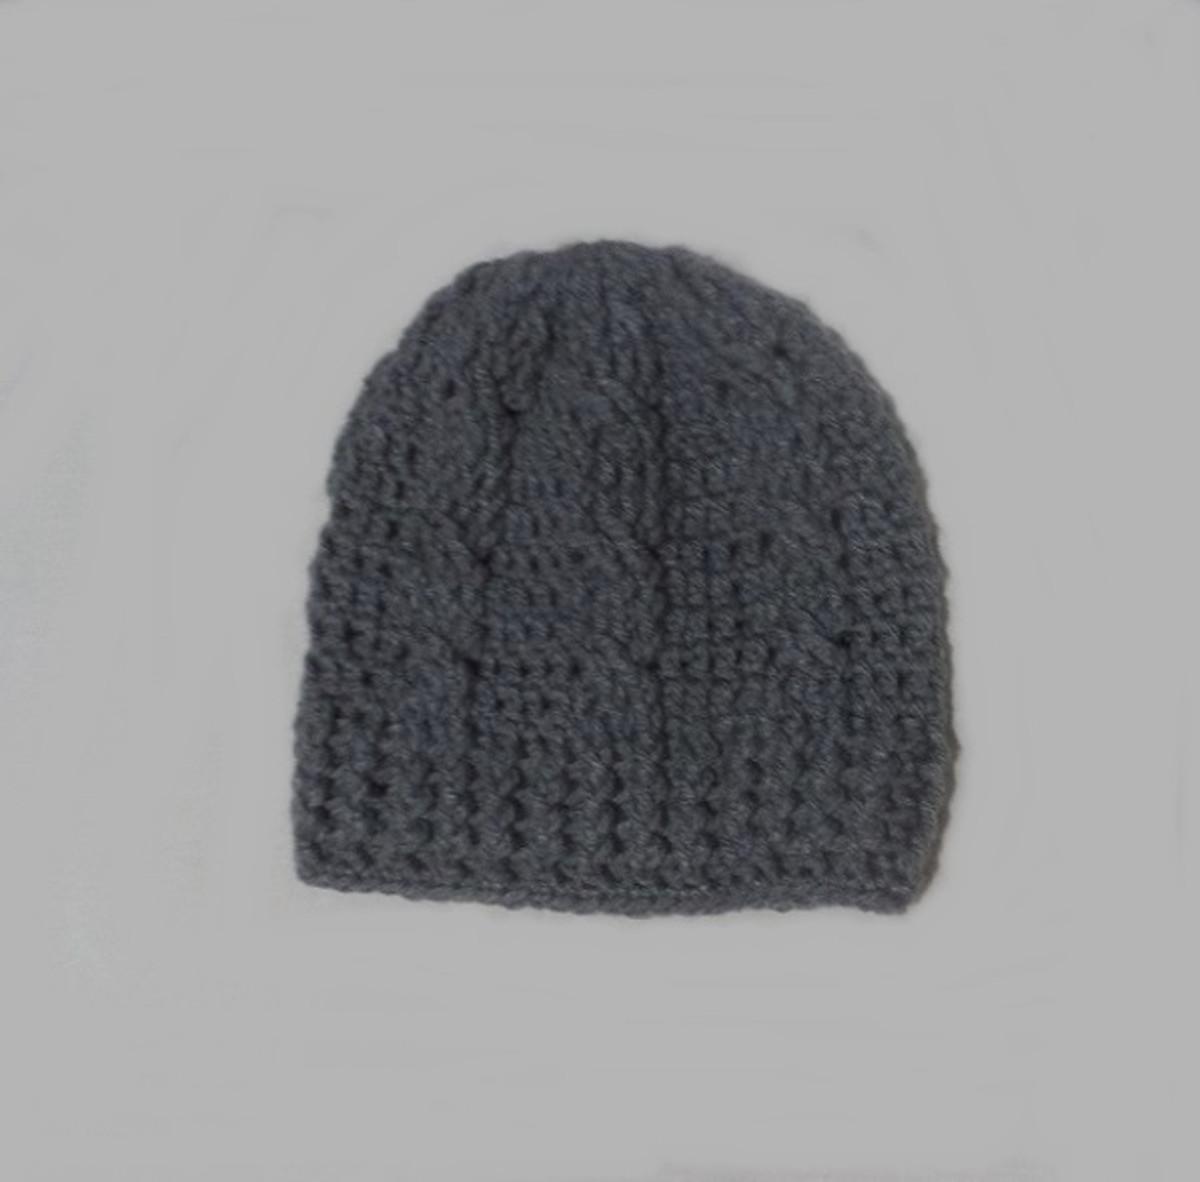 962b926425eca Gorro masculino -crochê feito c  lã-Promoção-Pronta entrega! no Elo7 ...